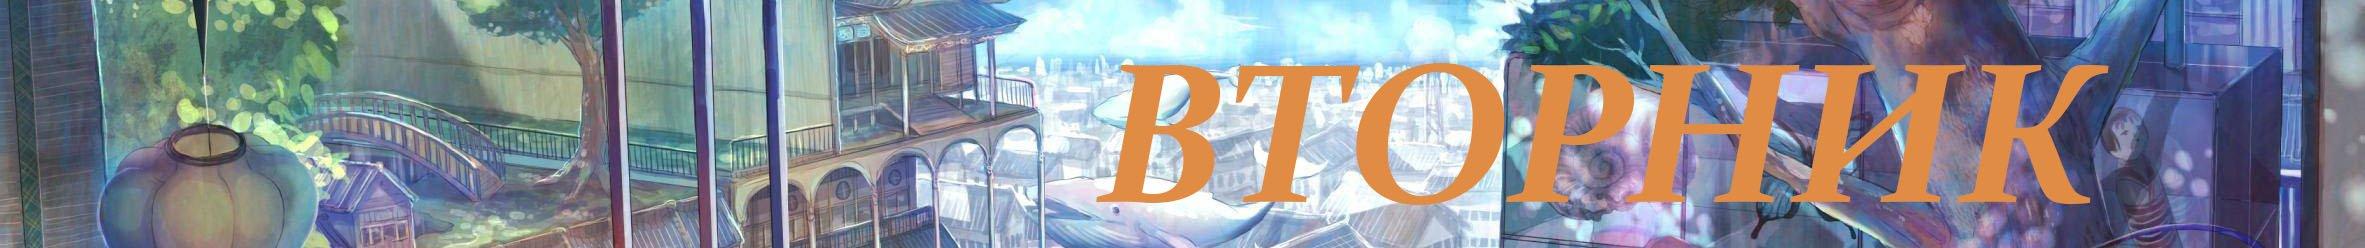 Все, что вы хотели знать об аниме осени 2014, даже если не хотели (UPD по КГ) - Изображение 3